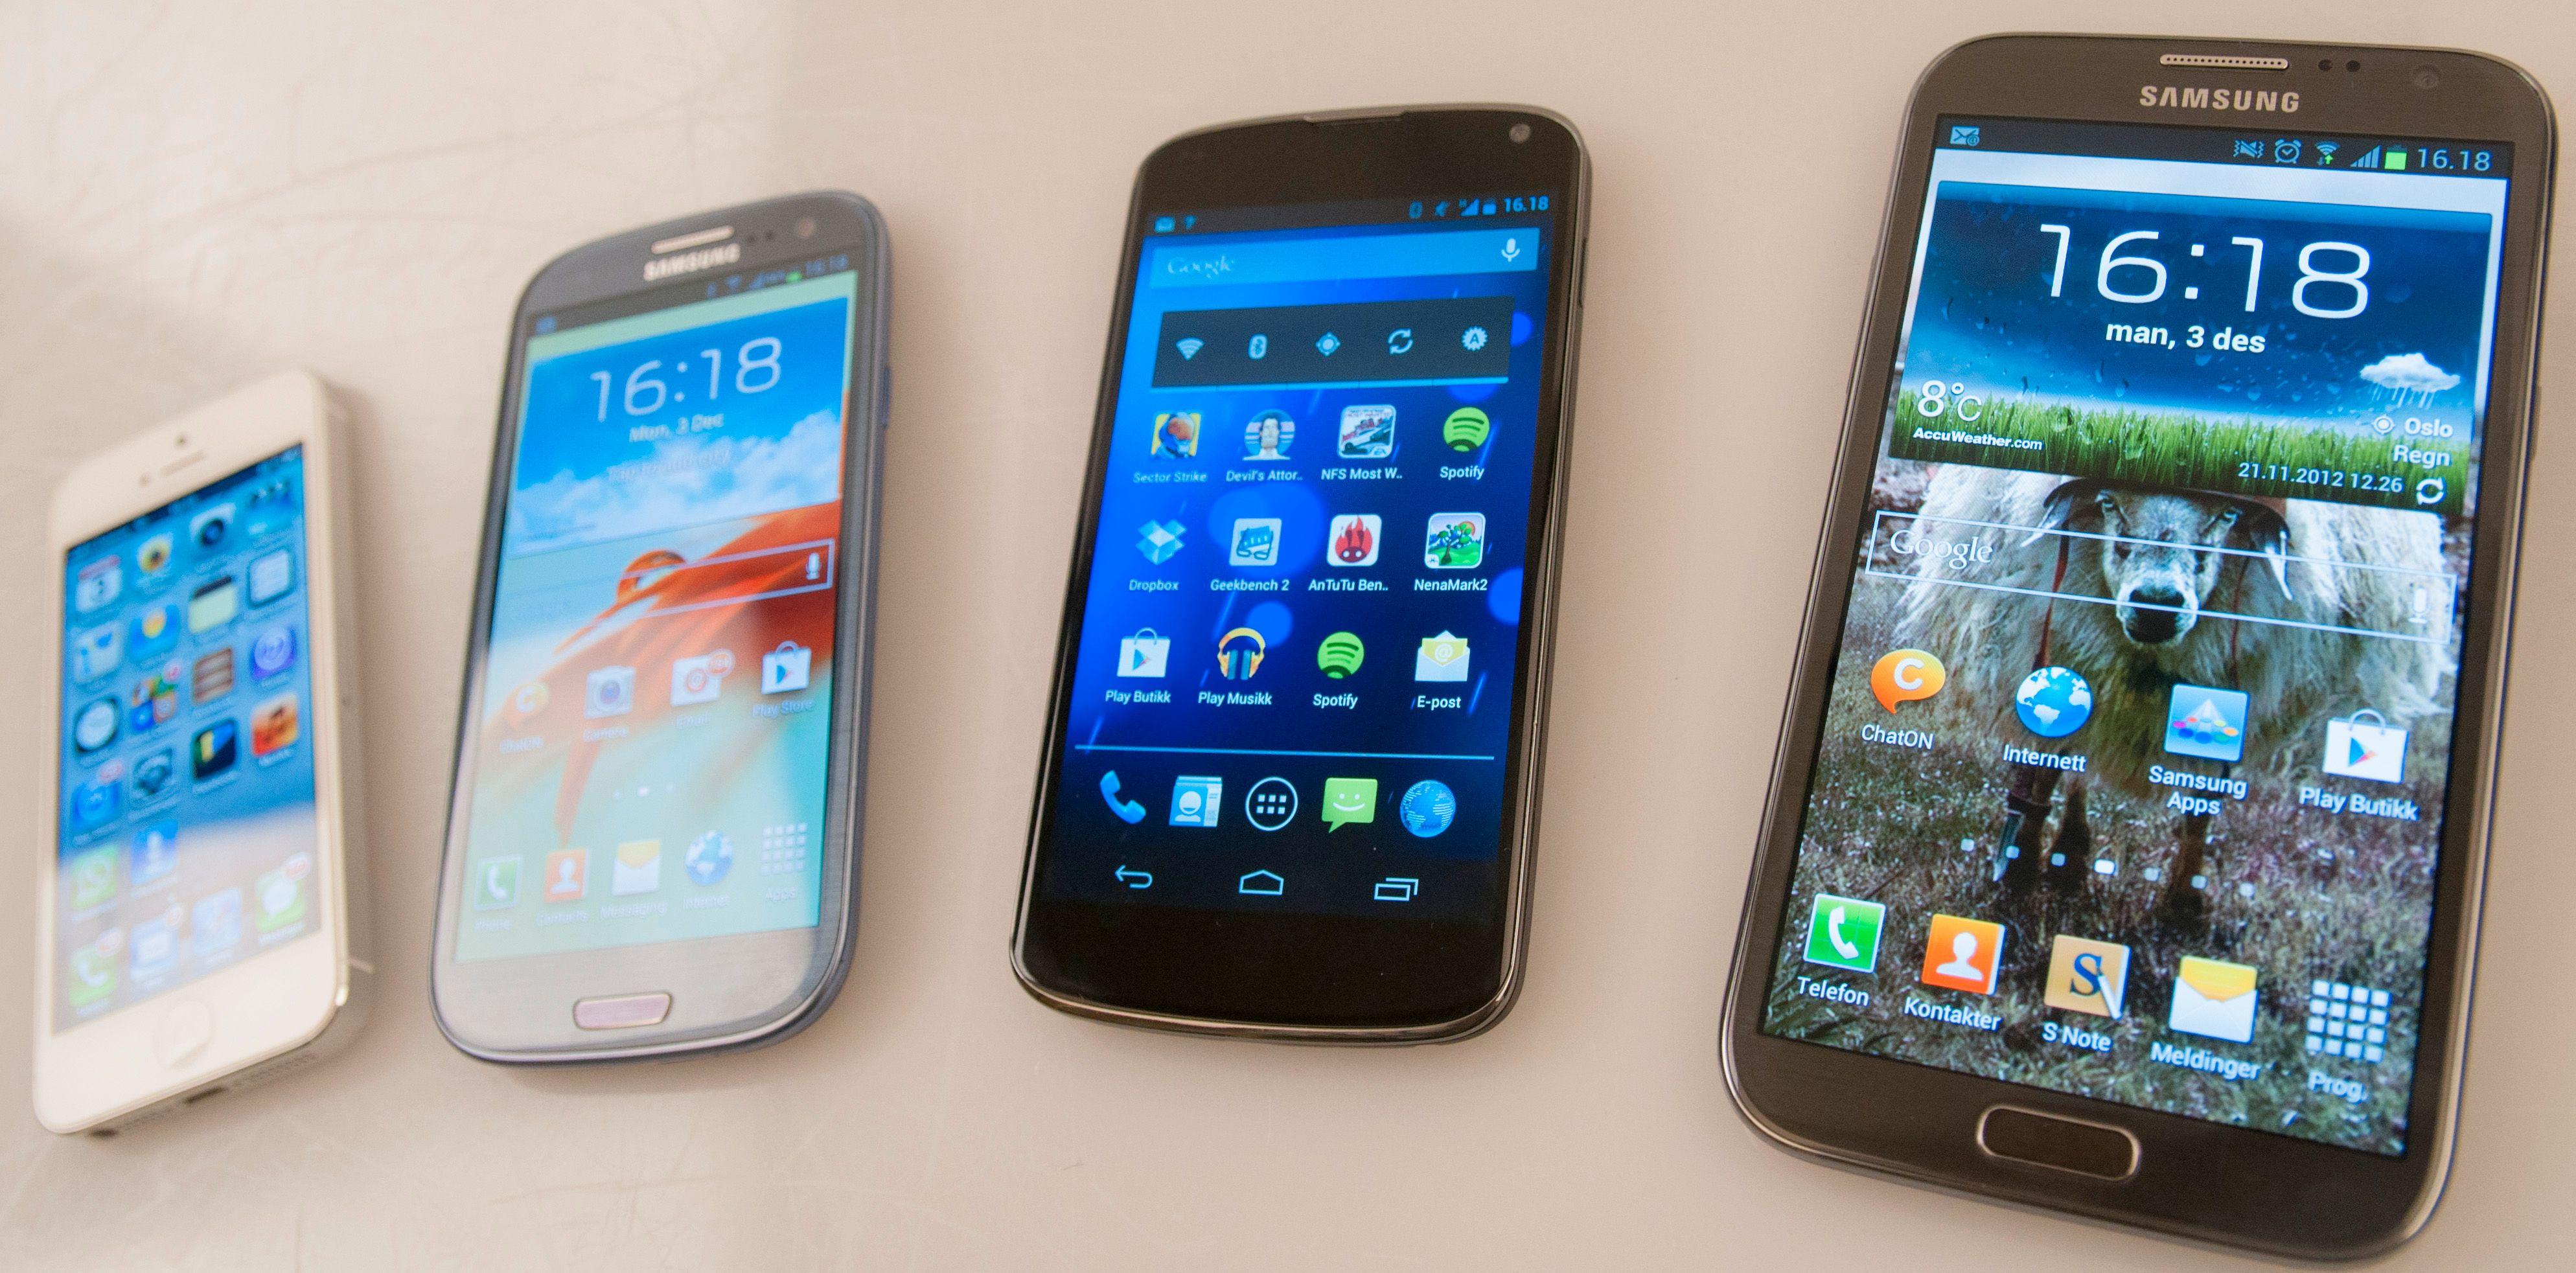 Hvilken av disse toppmodellene som har best skjerm blir for mange en smakssak. At skjermen i Nexus 4 er svært god er det imidlertid ingen tvil om.Foto: Finn Jarle Kvalheim, Amobil.no